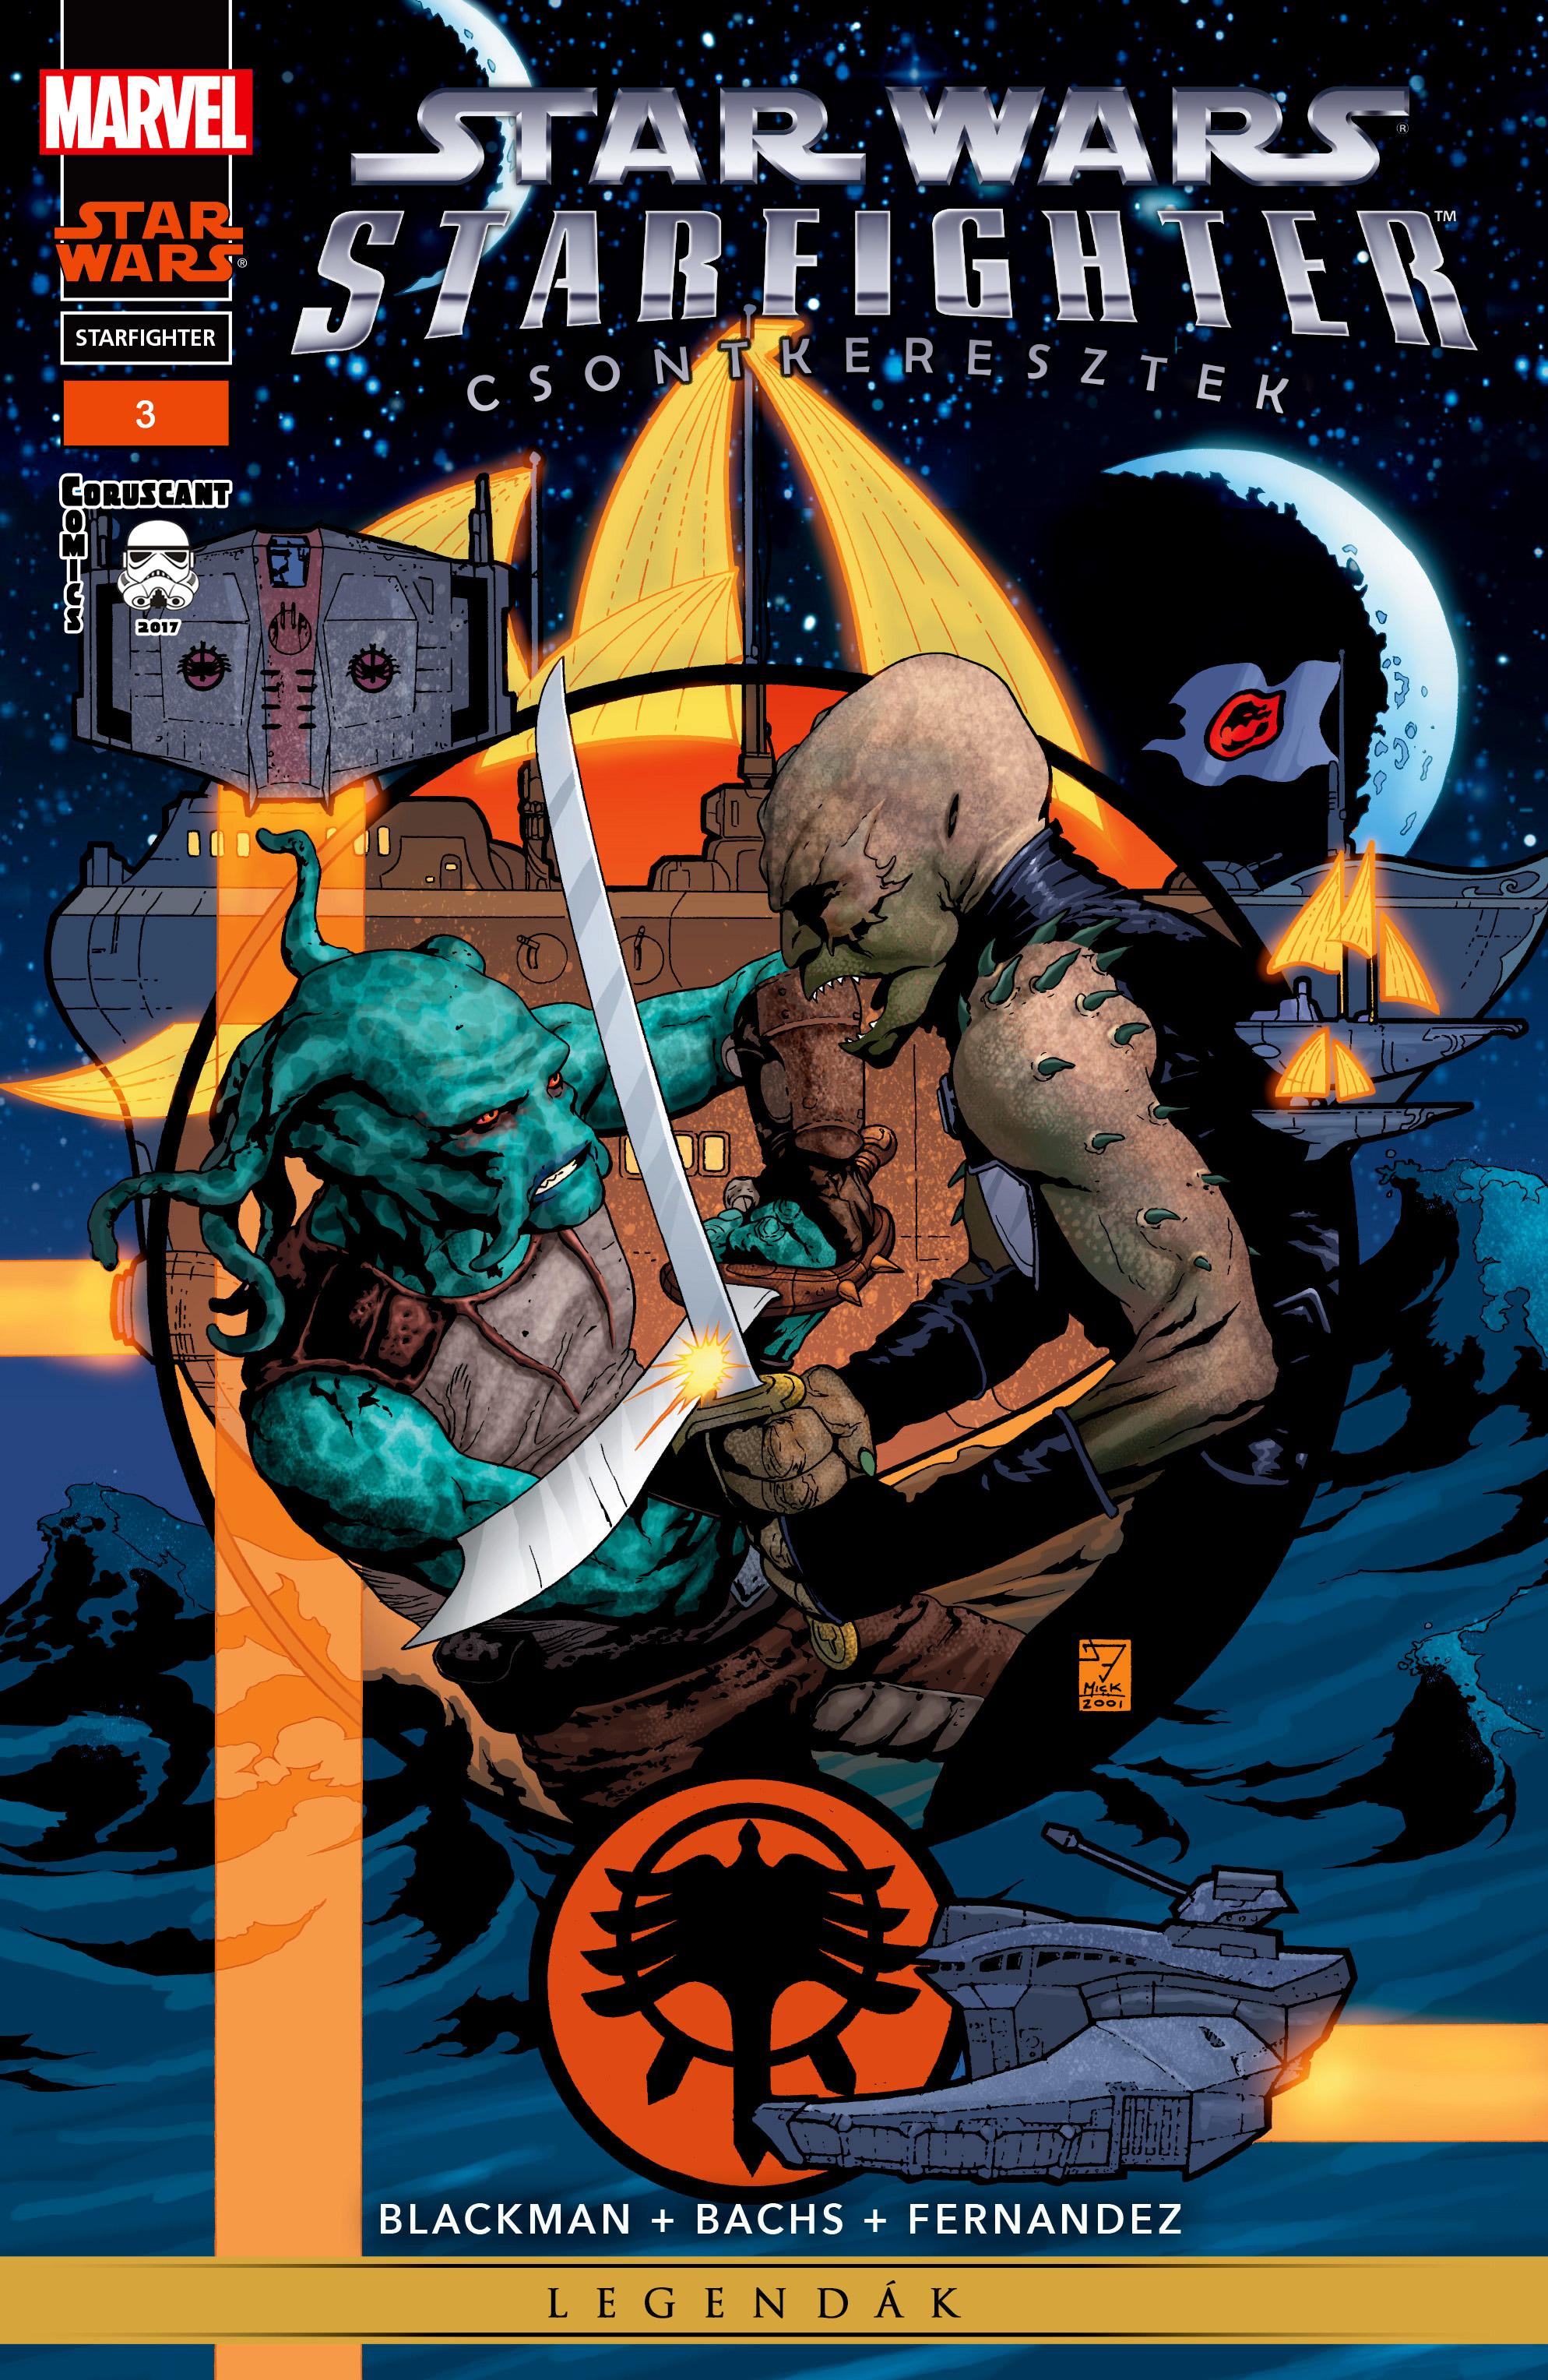 star-wars---starfighter---crossbones-_2002_-003-_marvel-edition_2015_digital_kileko-empire_-001.jpg